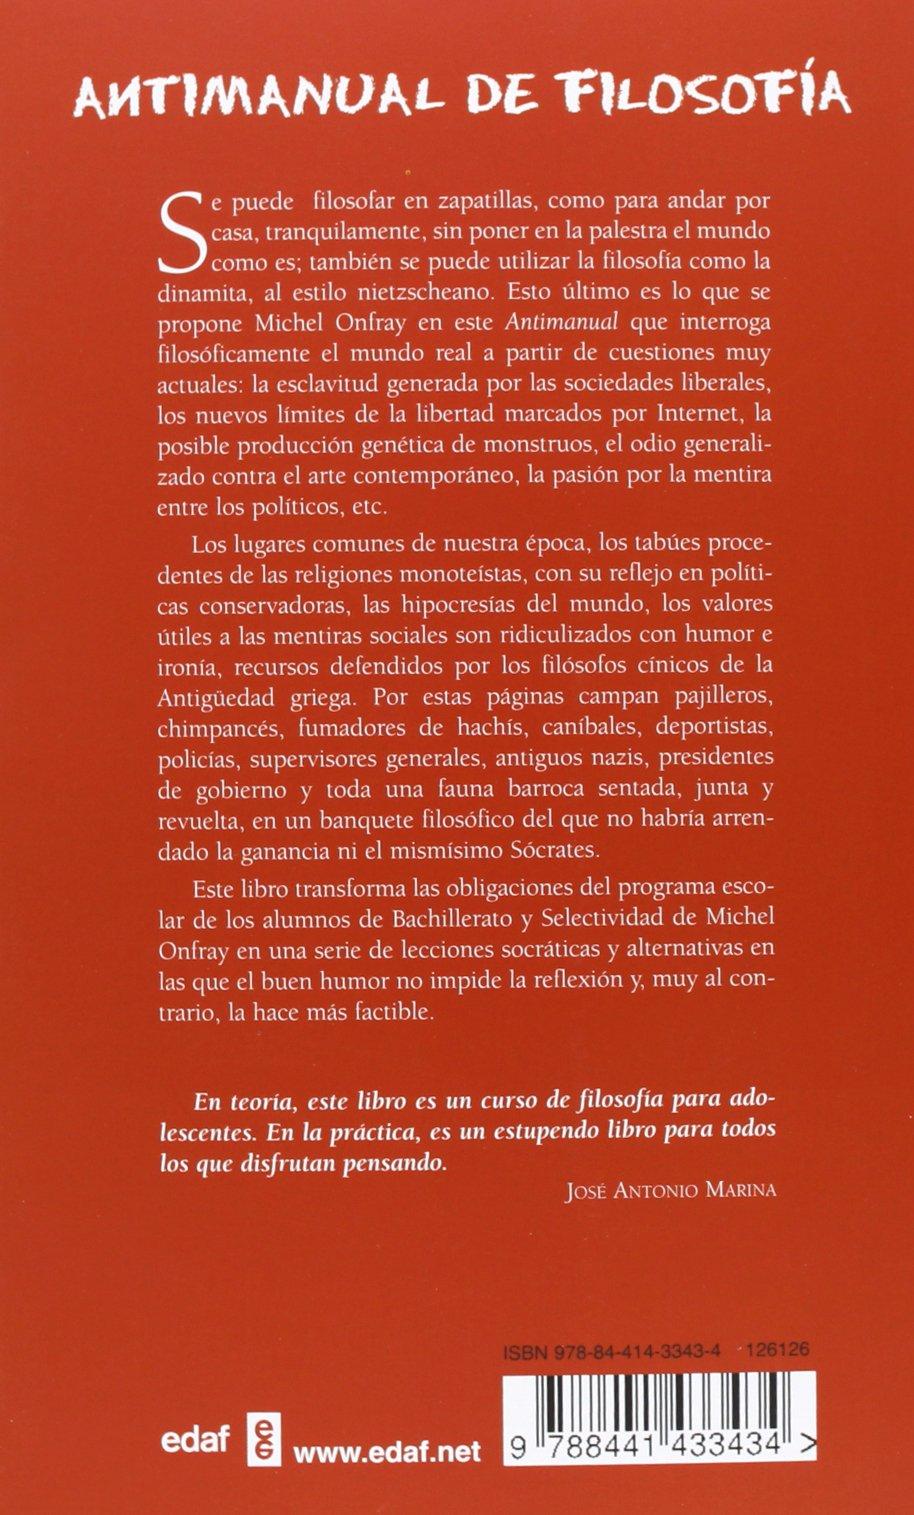 Antimanual de filosofia (Spanish Edition): Michel Onfray: 9788441433434: Amazon.com: Books